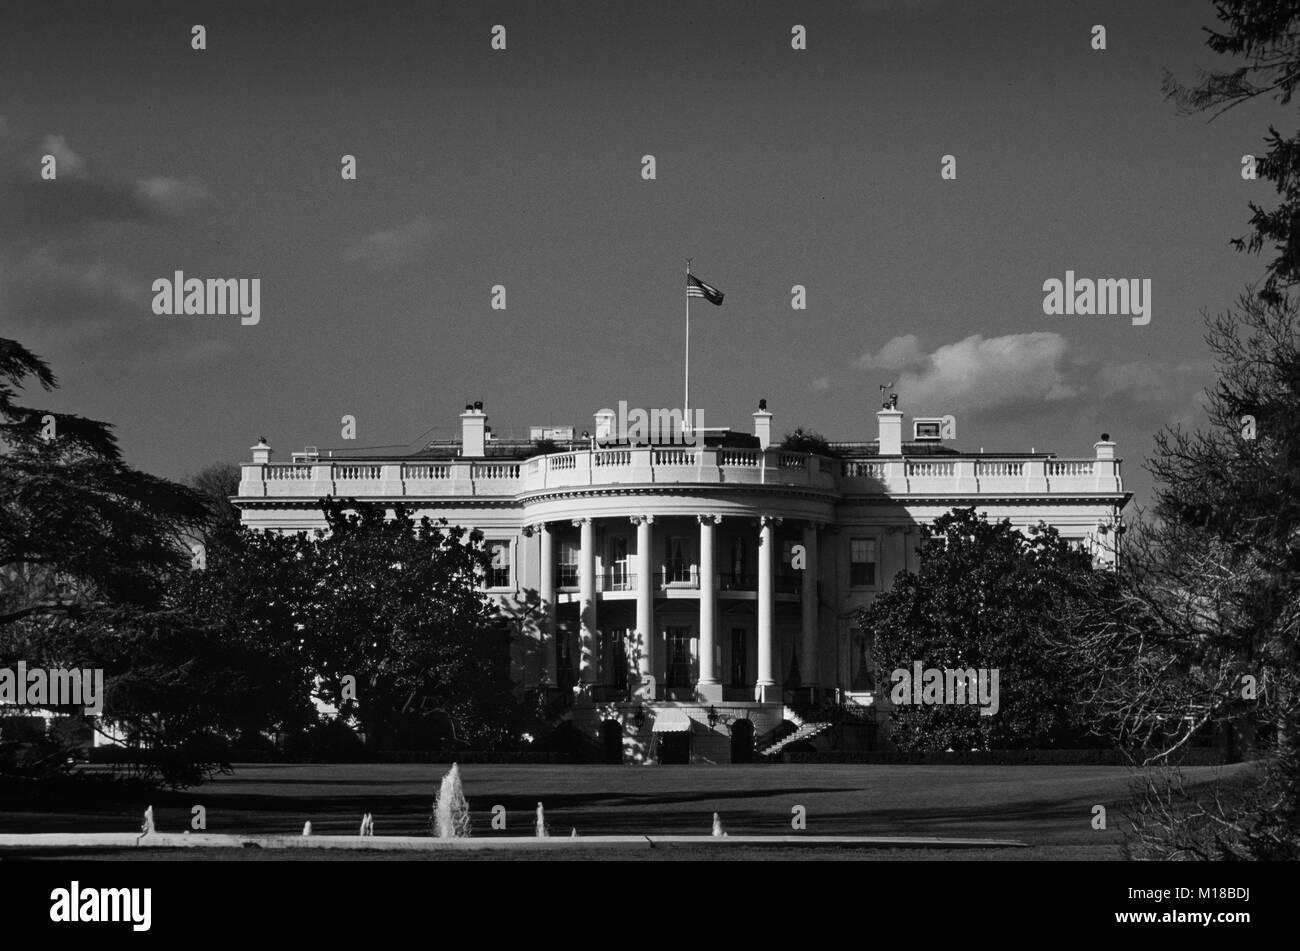 United States of America Washington DC_The White House 2000 - Stock Image